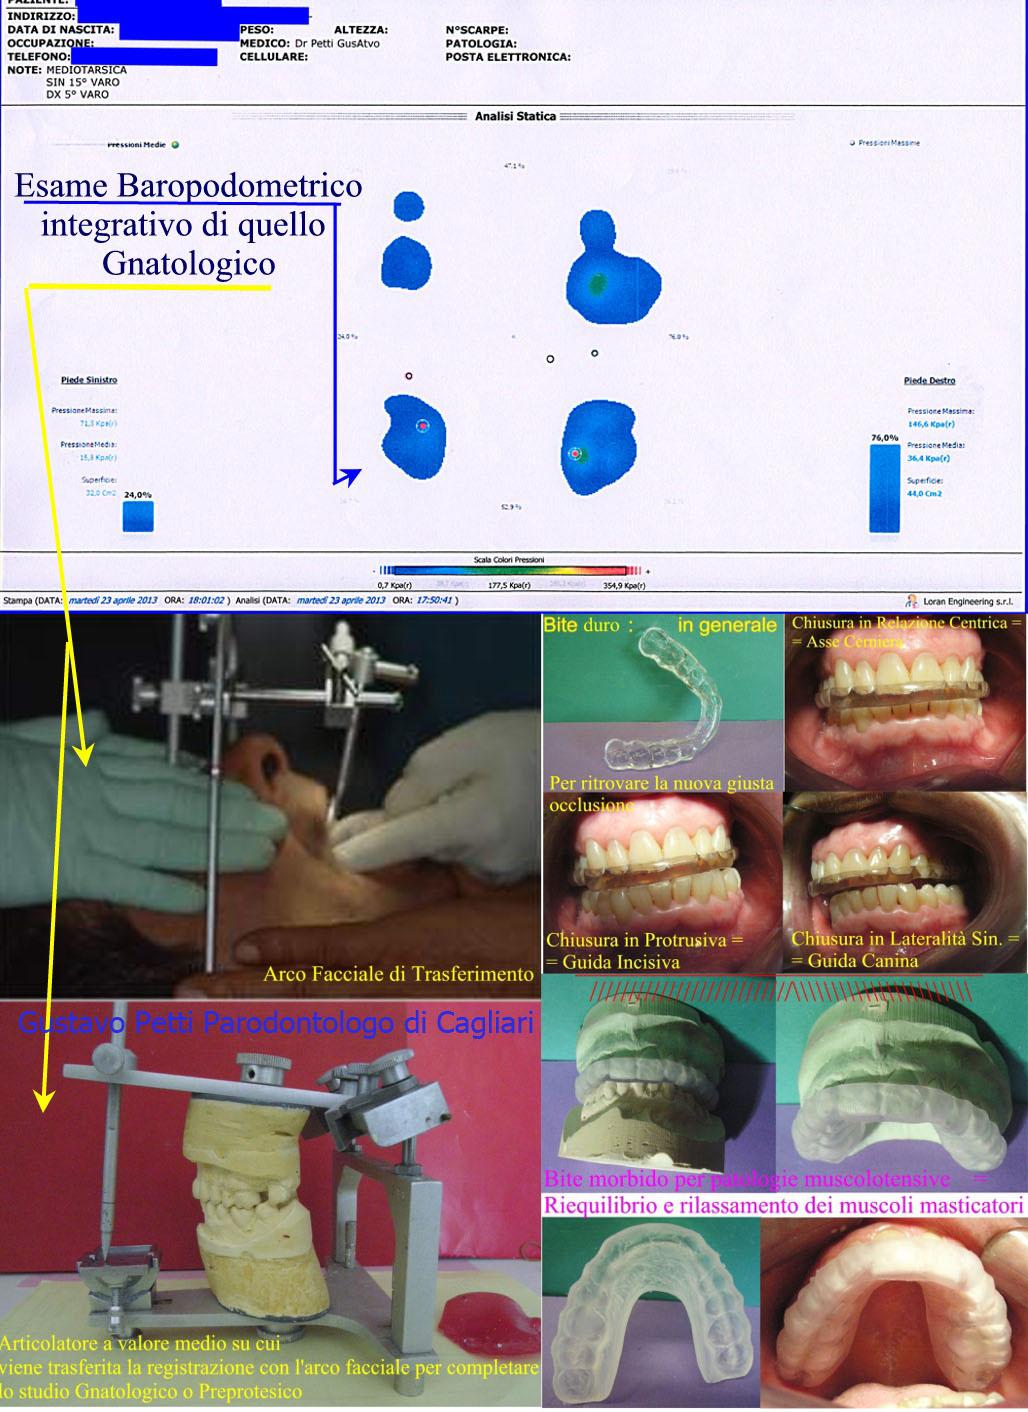 analisi-gnatologica-dr-g.petti-cagliari-165.jpg